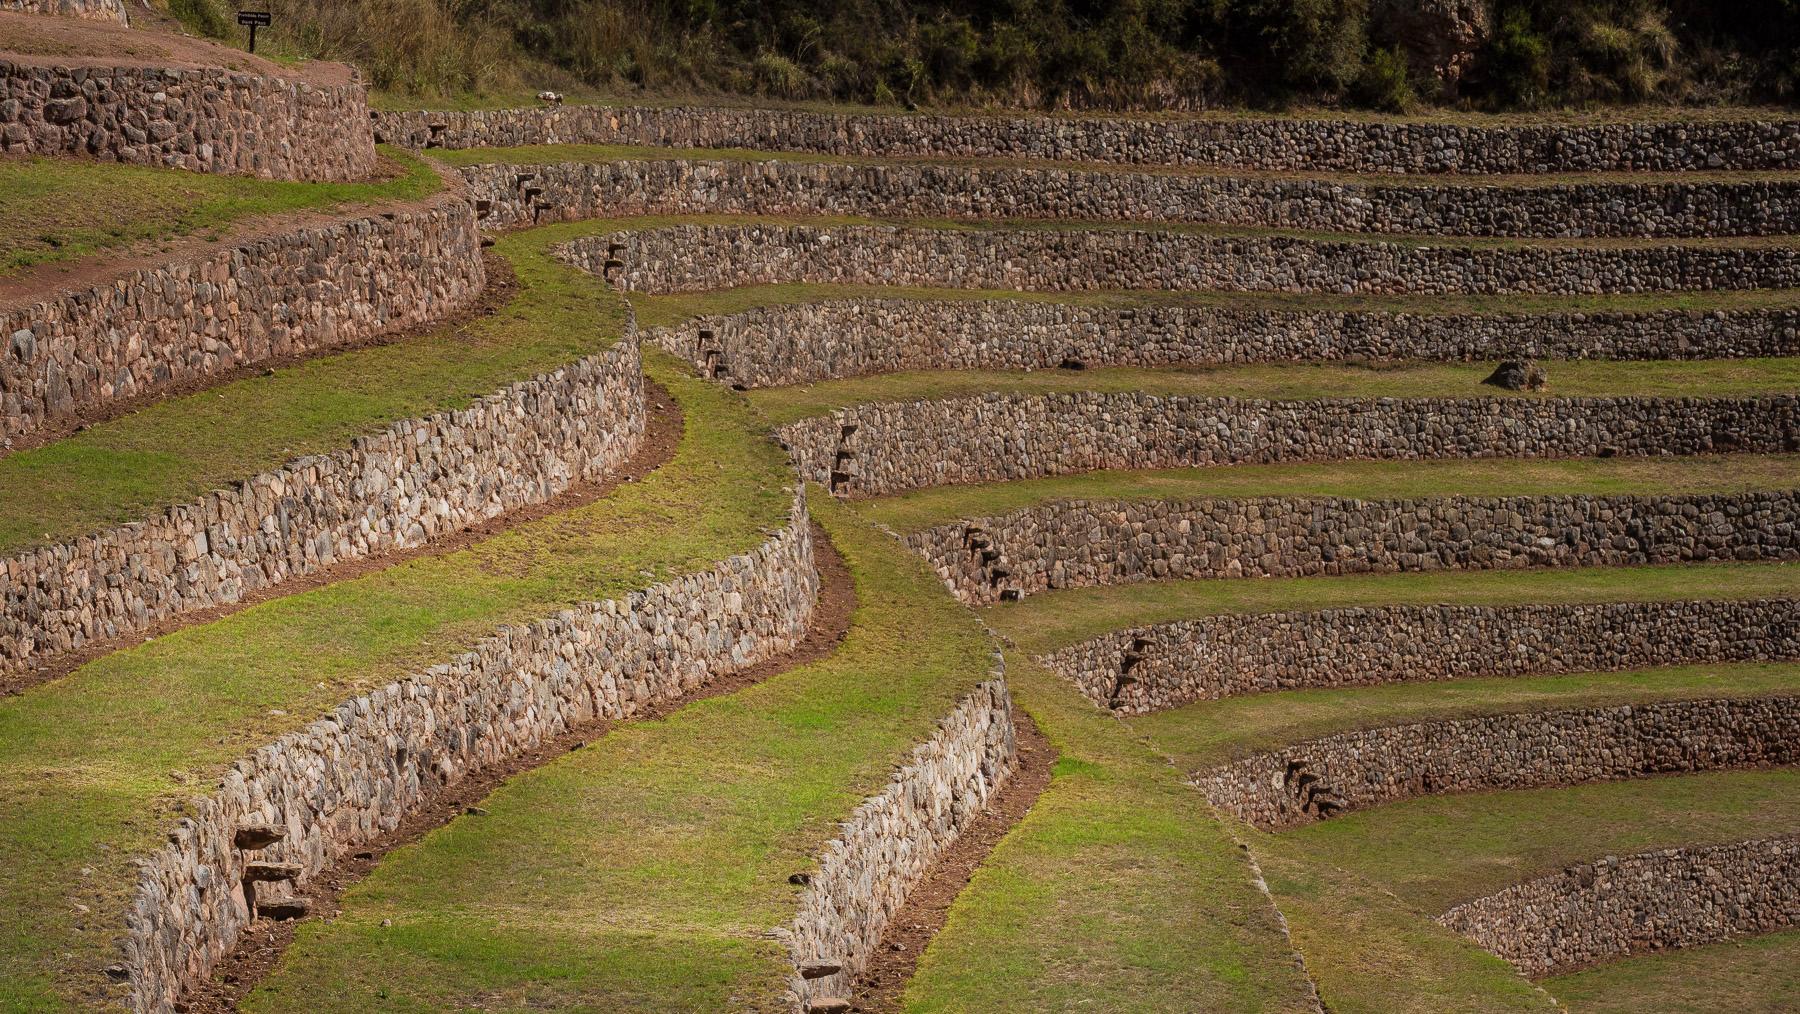 Geometrische Strukturen der Terrassenfelder in Moray